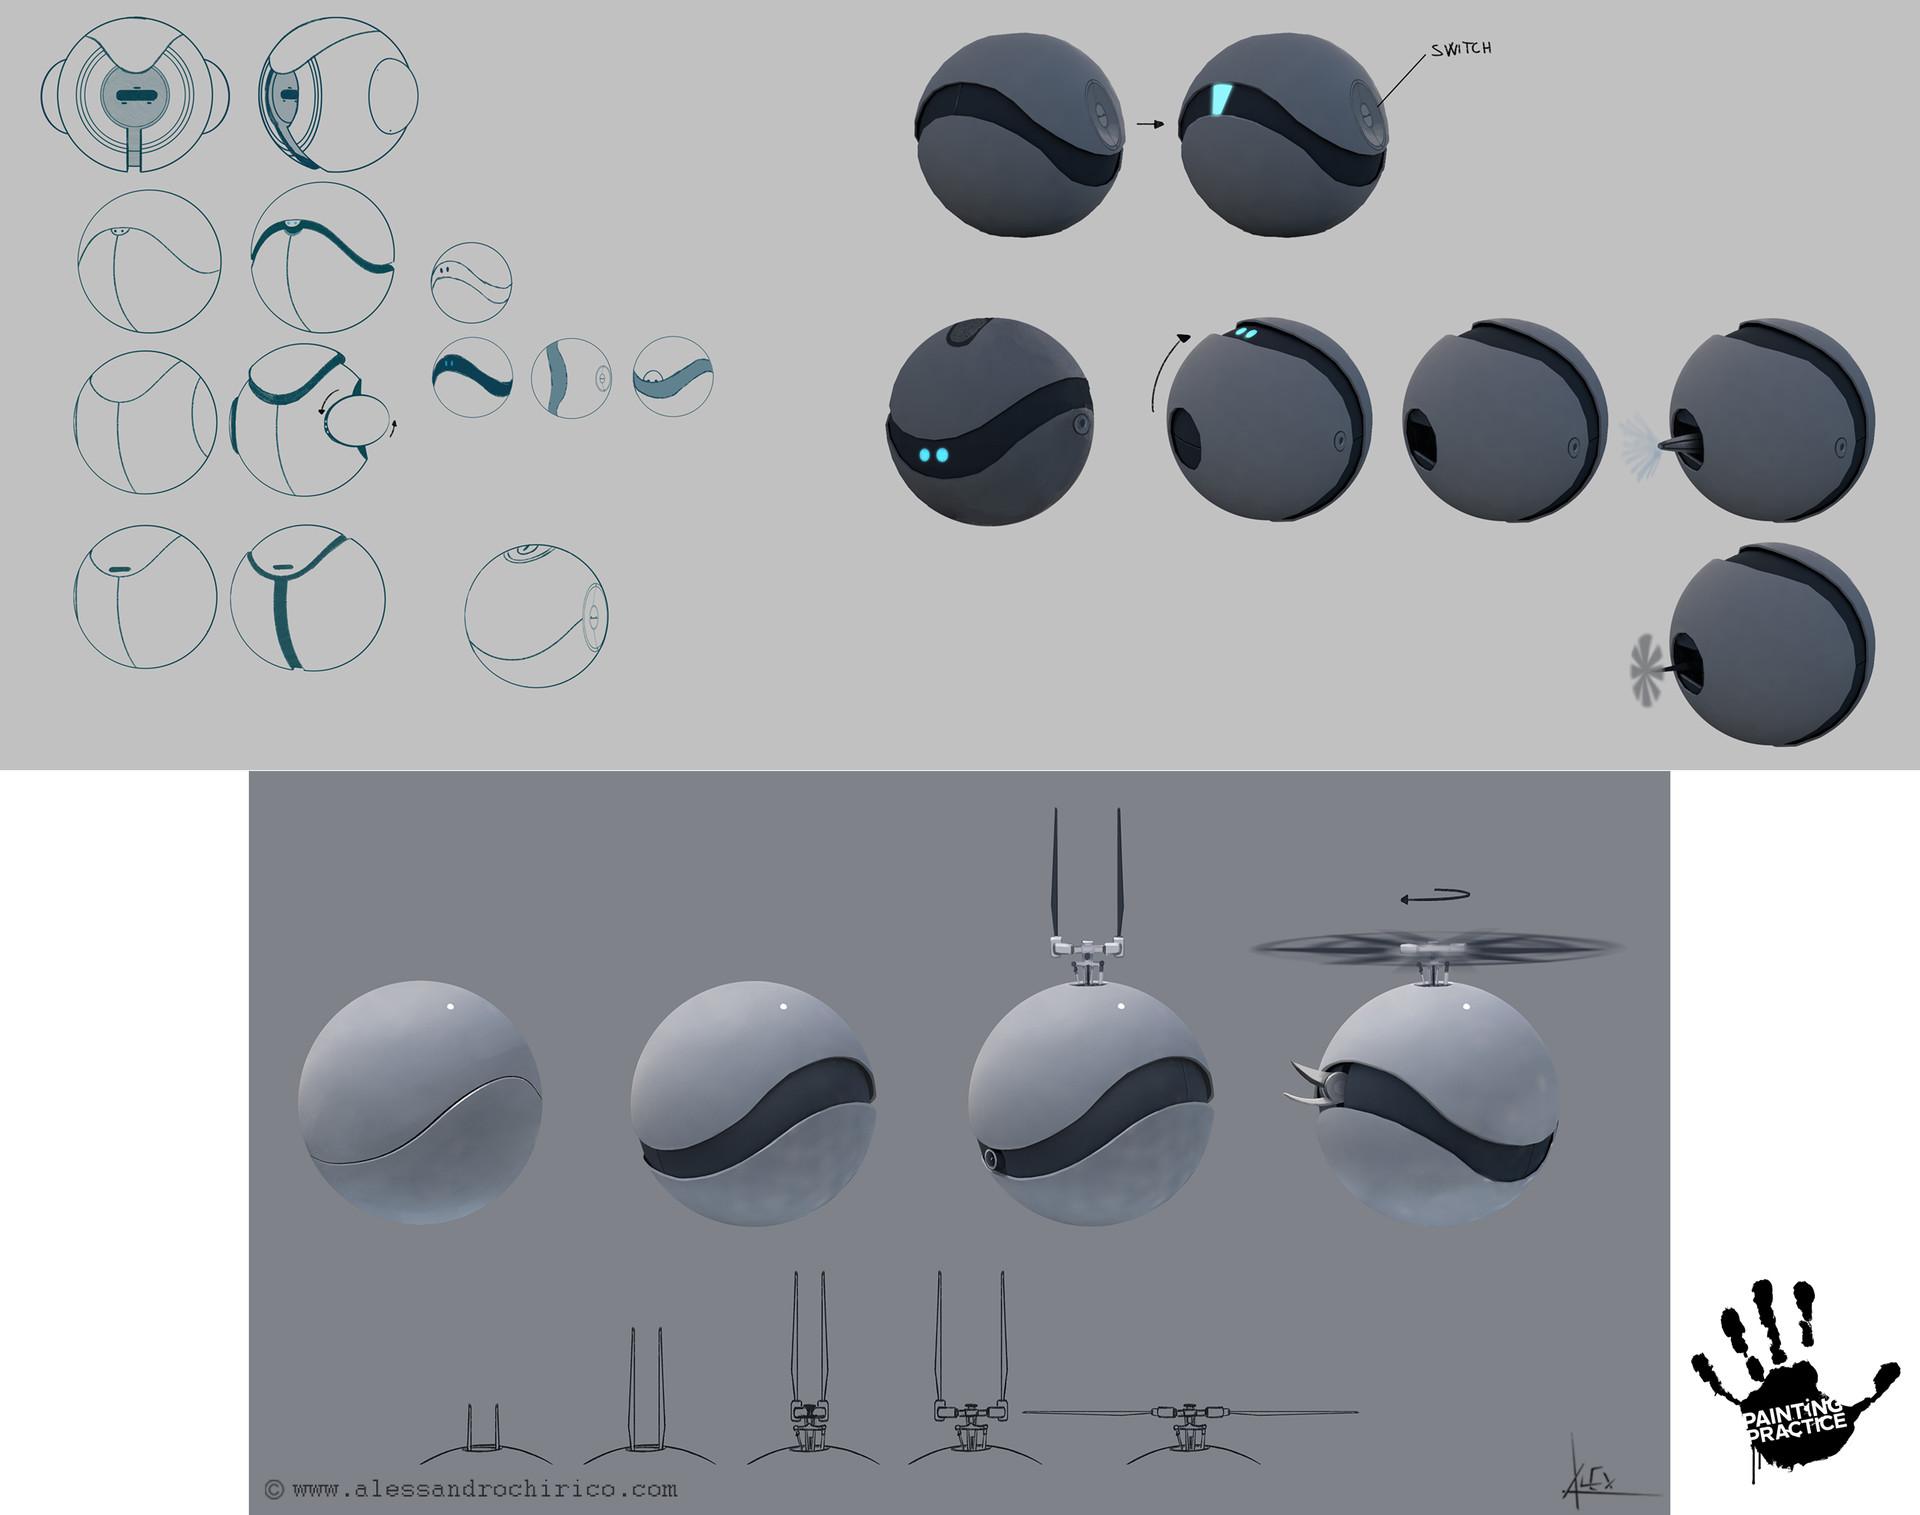 Alessandro chirico 21 sphere drone alessandro chirico